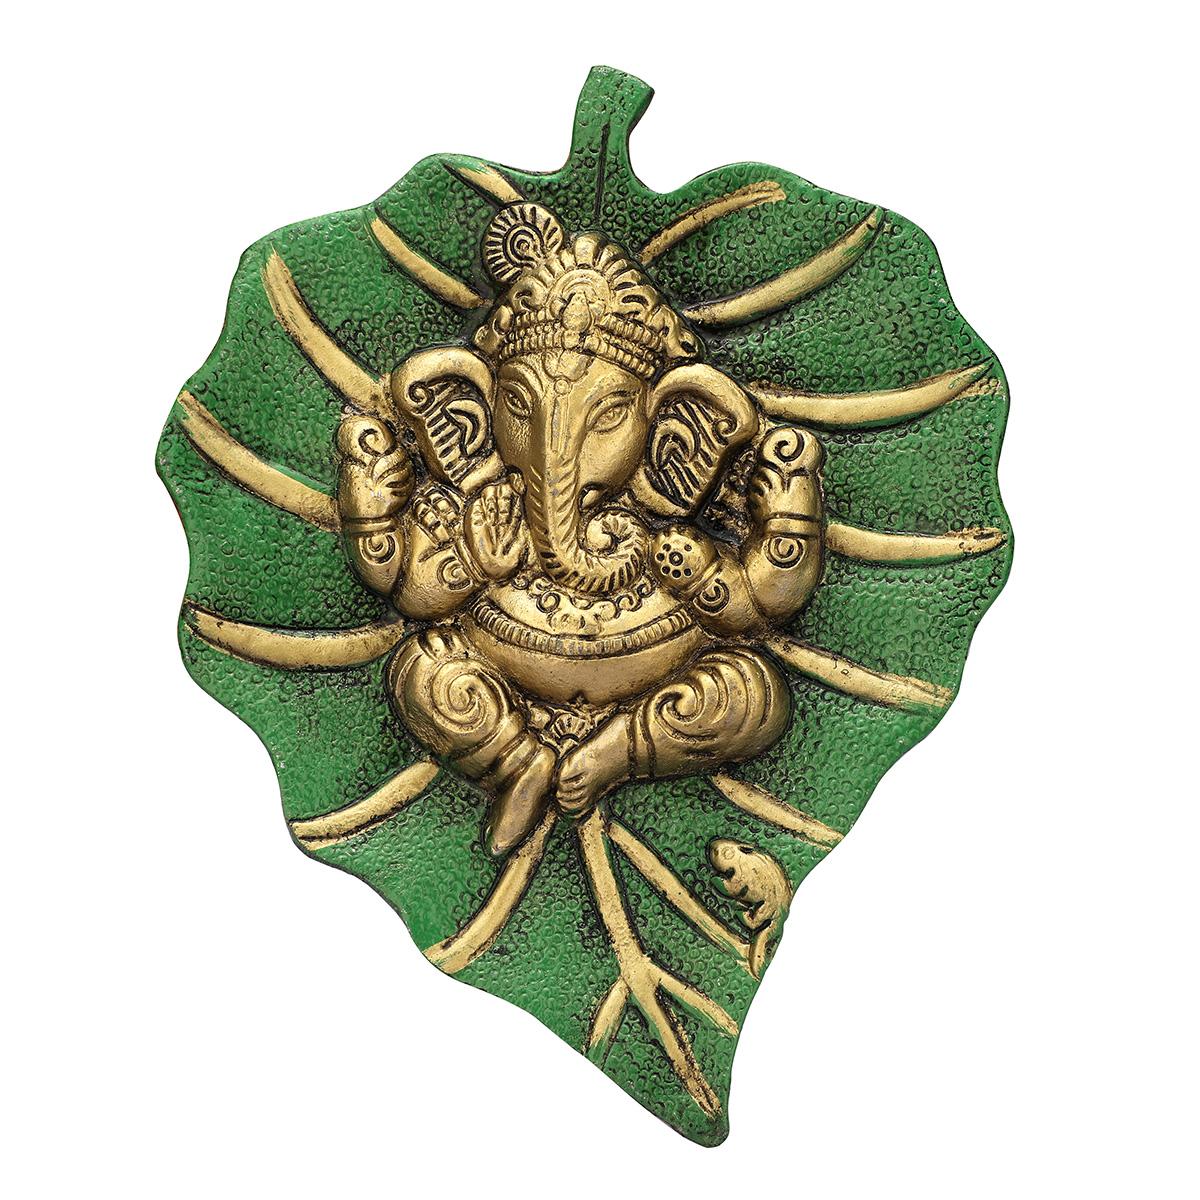 Leaf Ganesha Hanging Green Golden